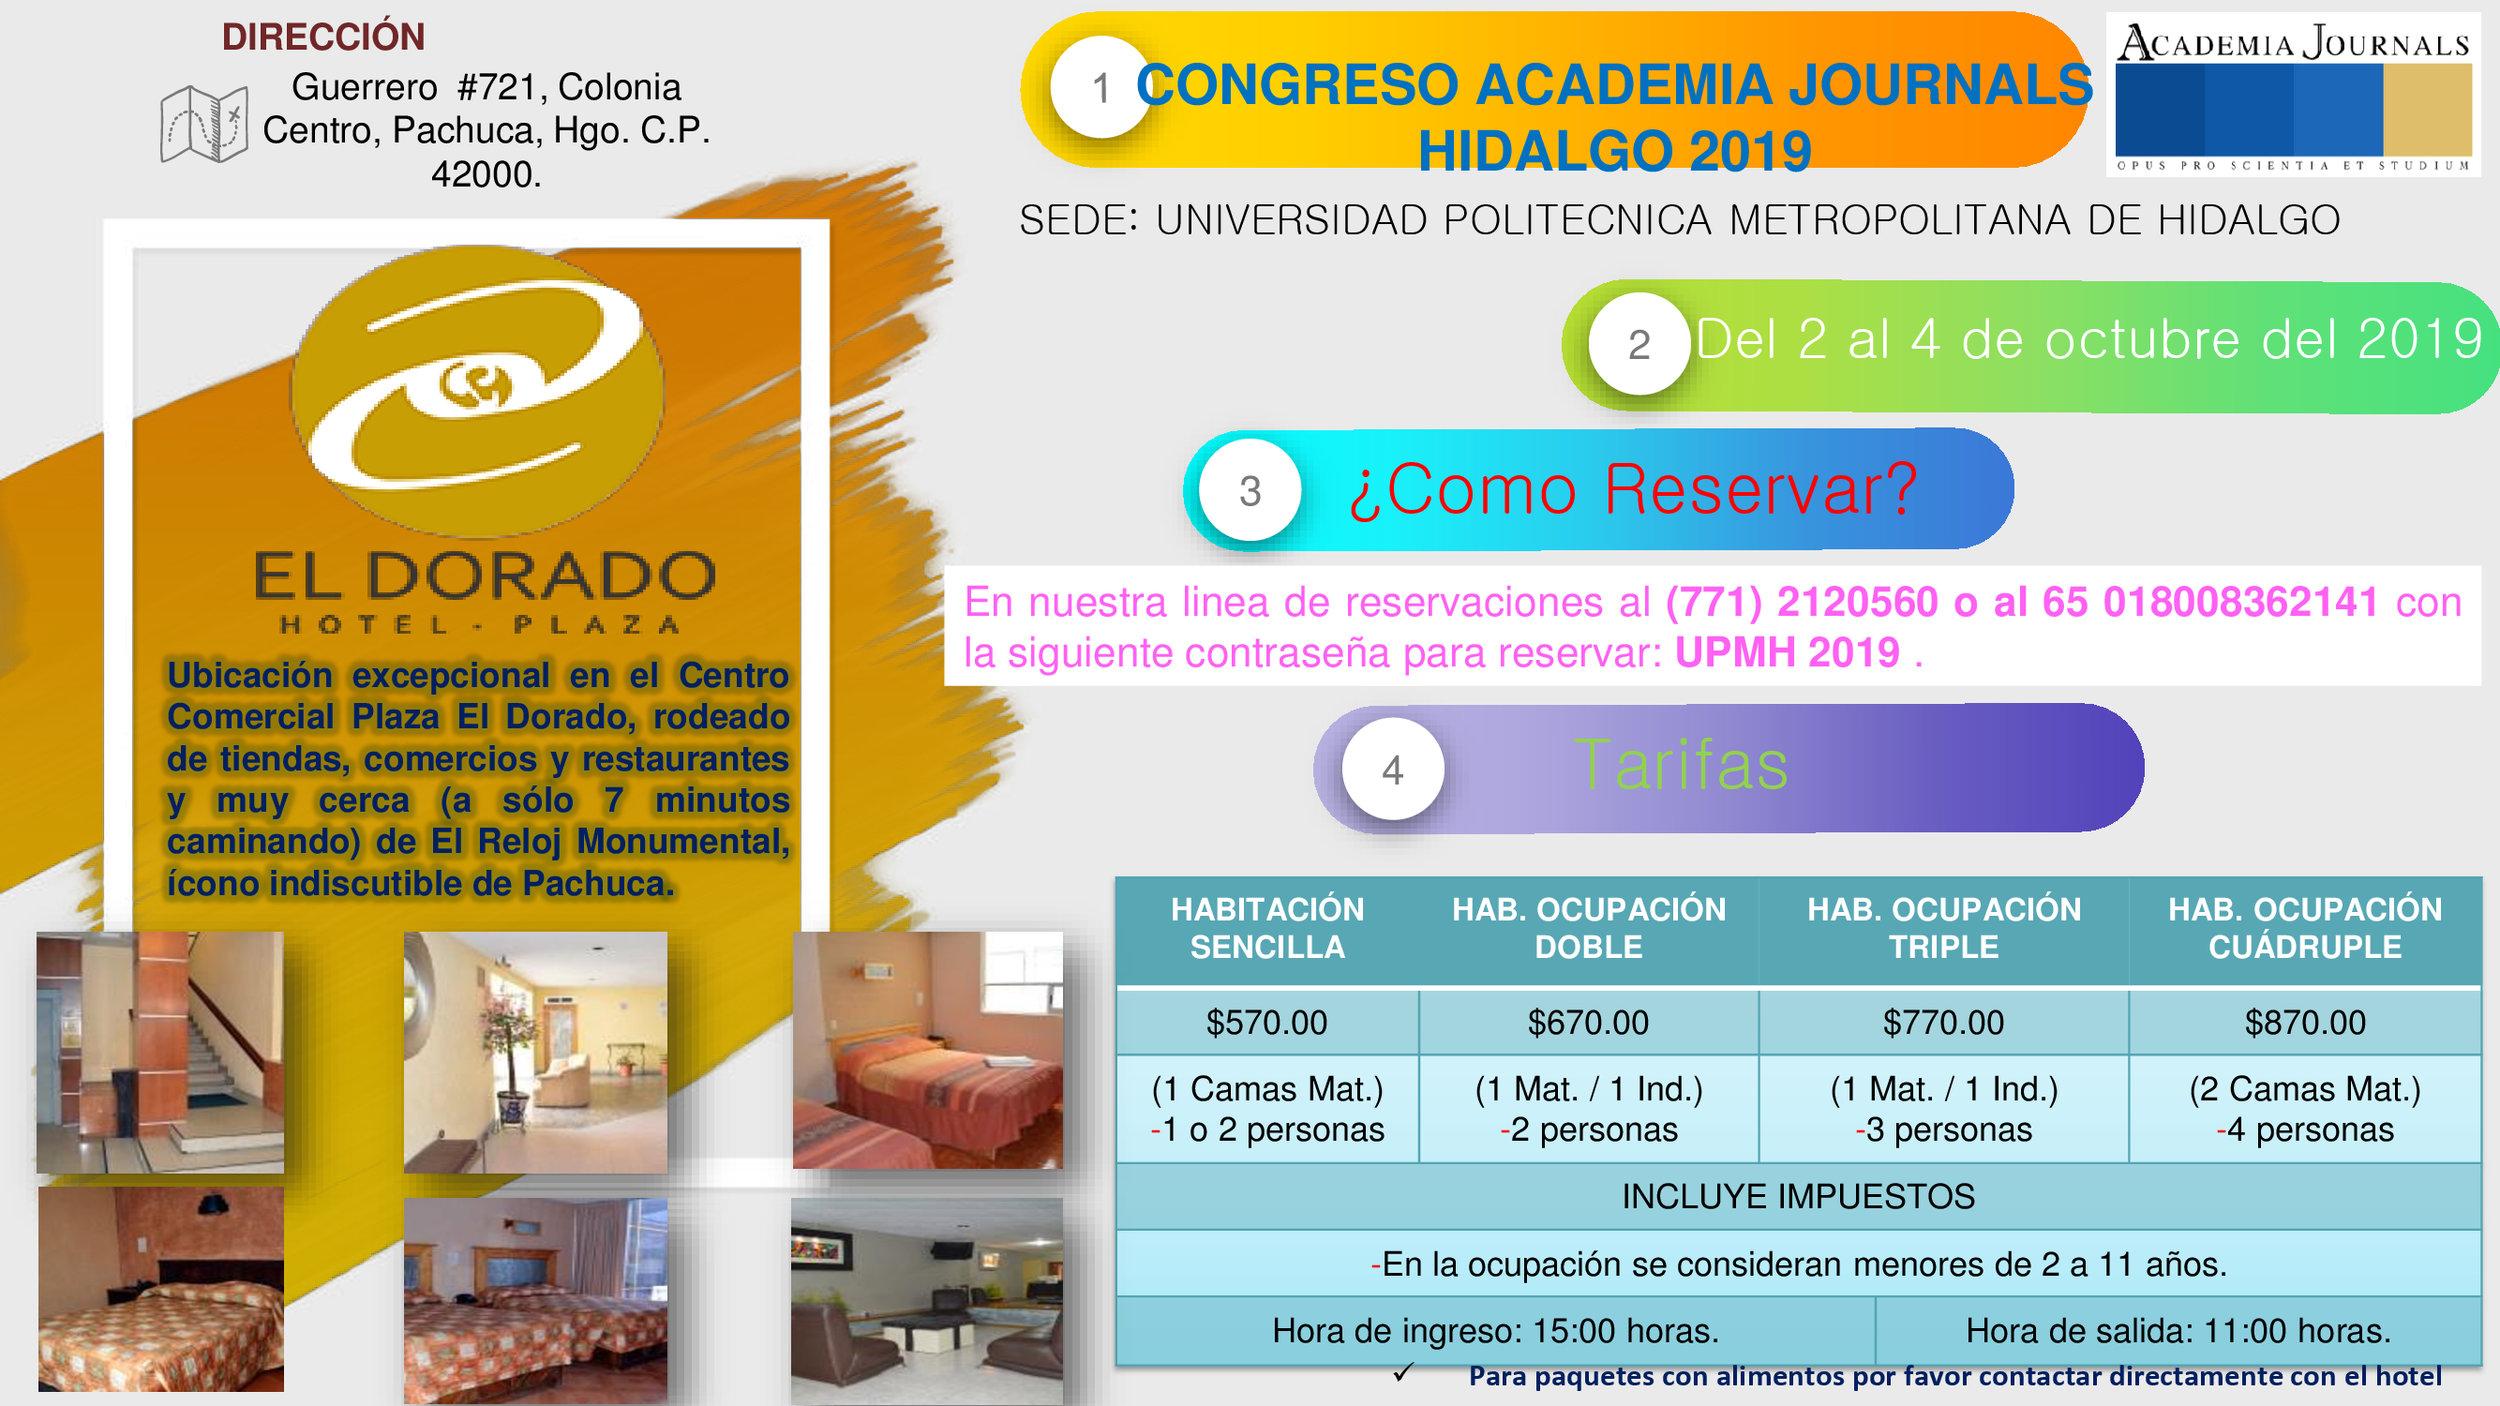 HOTEL-PLAZA-EL-DORADO.jpg